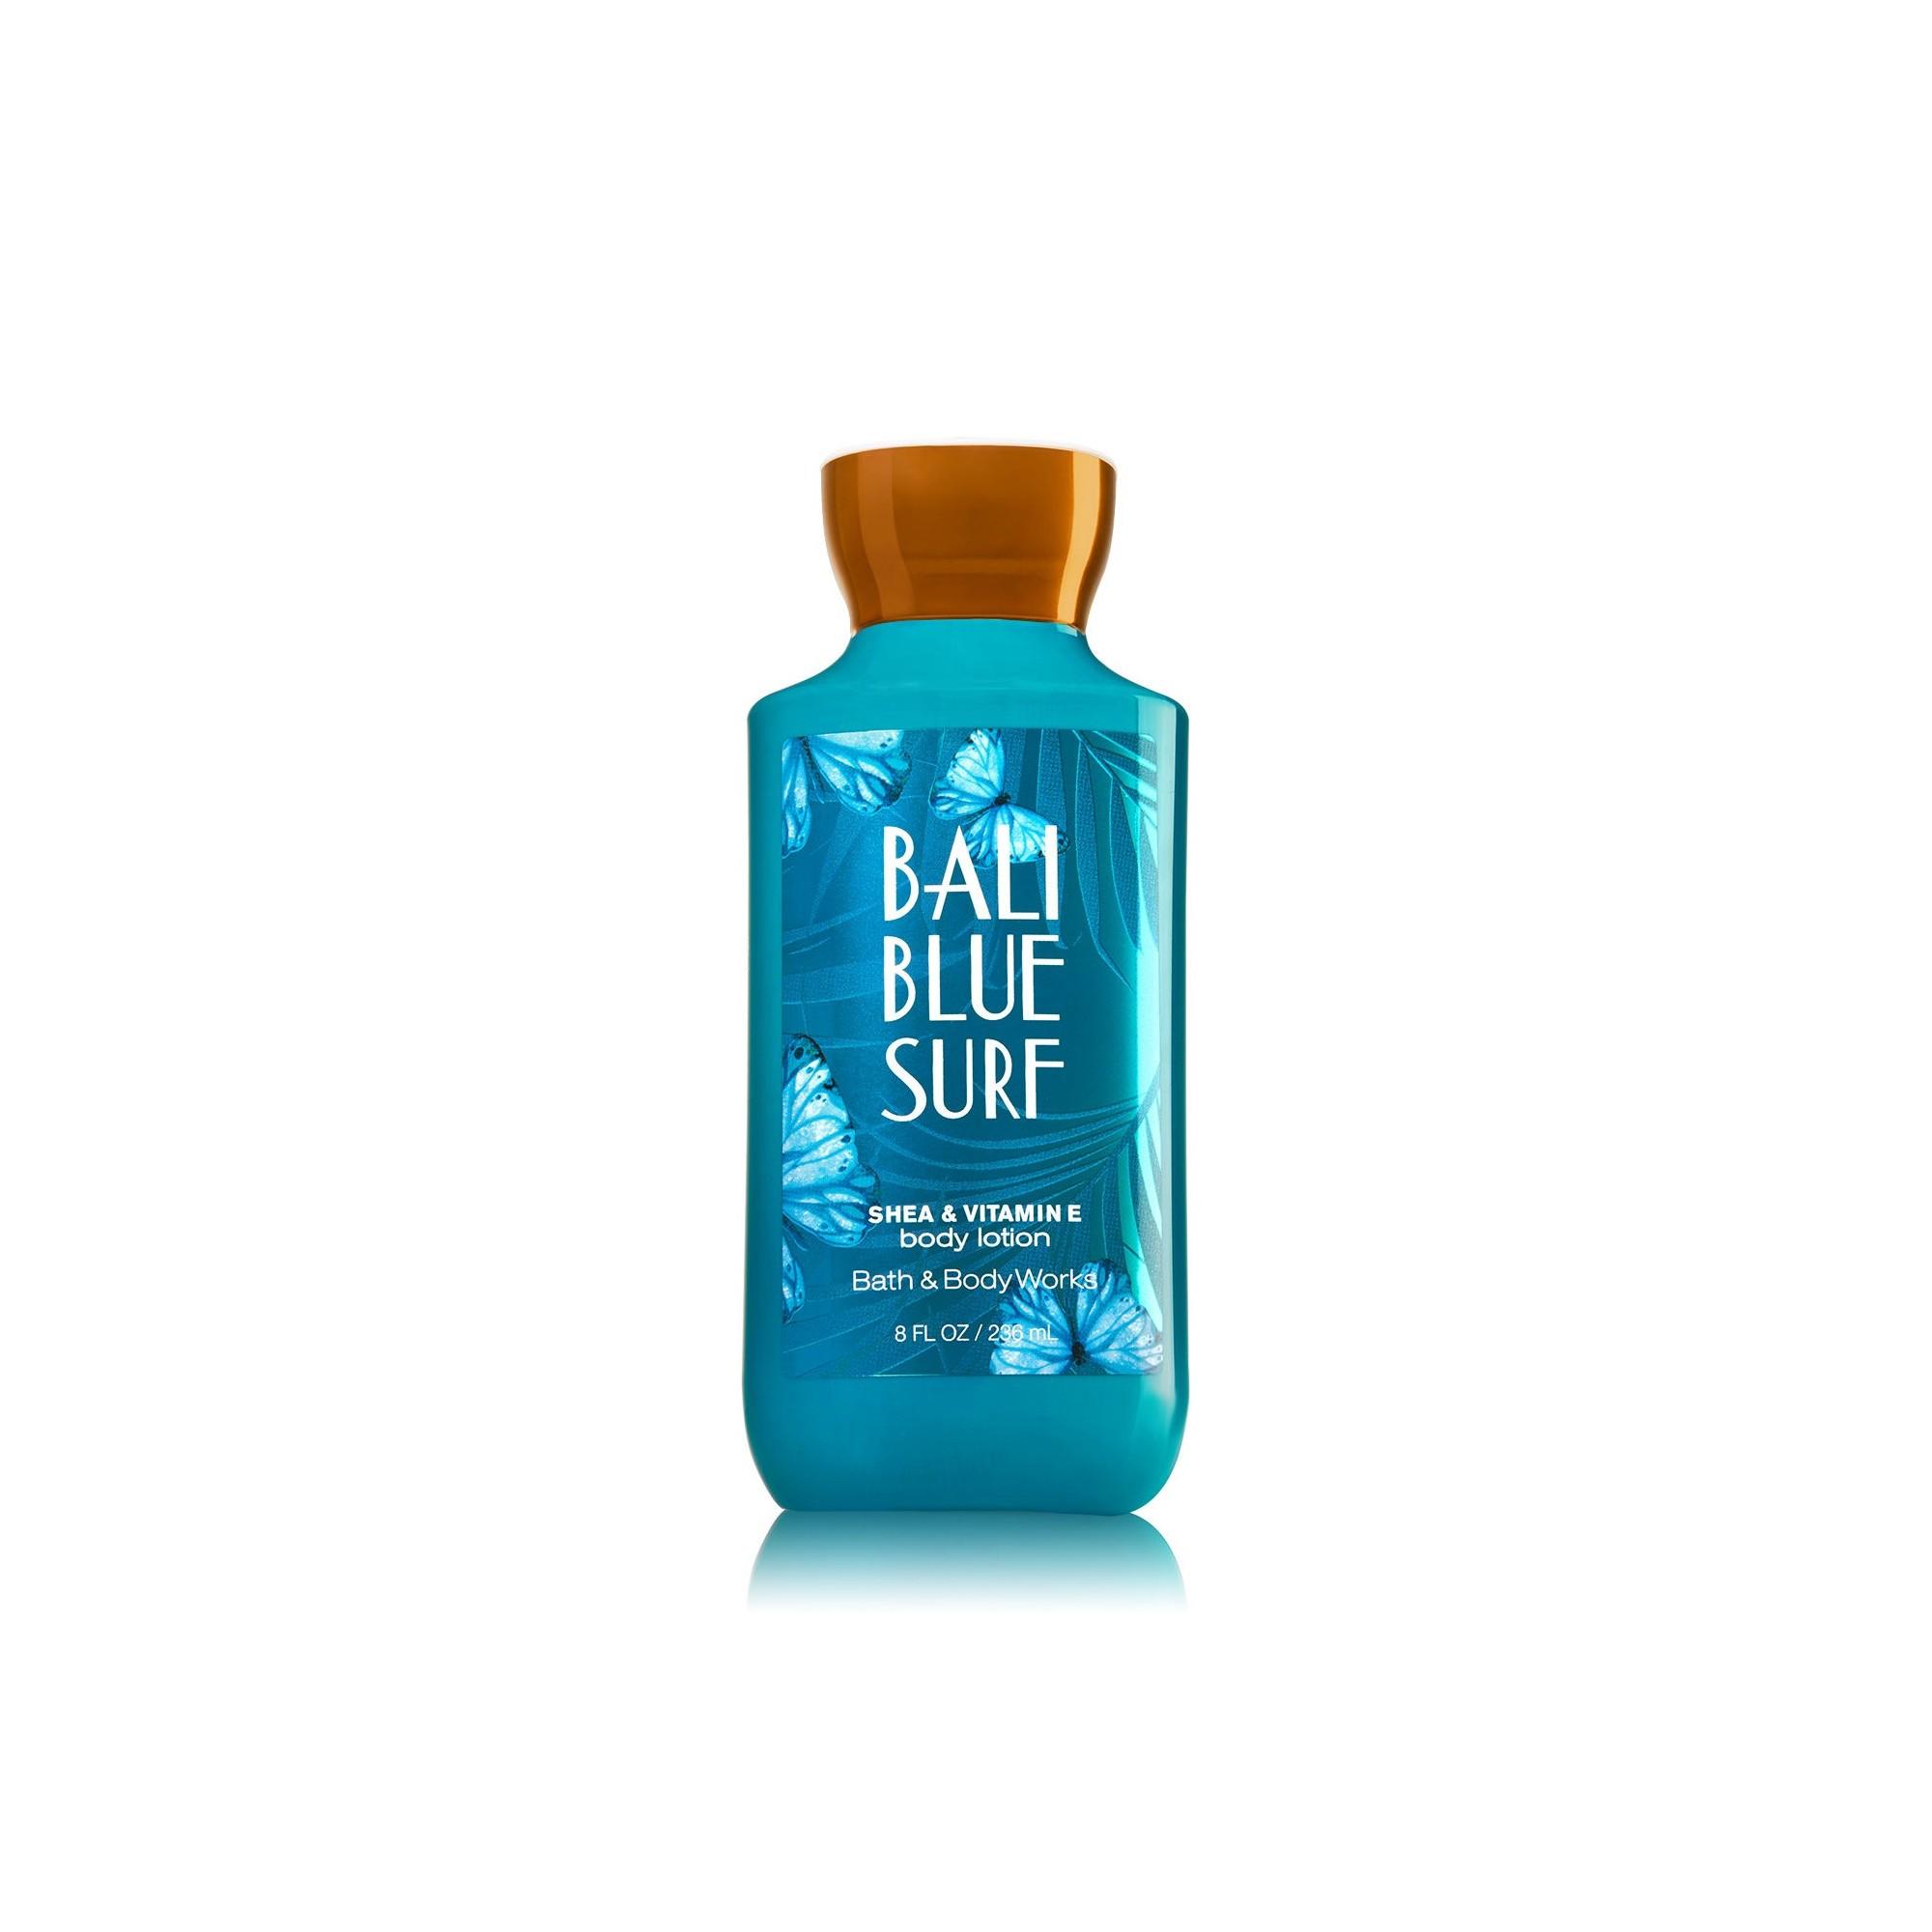 Bath & Body Works Bali Blue Surf Body Lotion